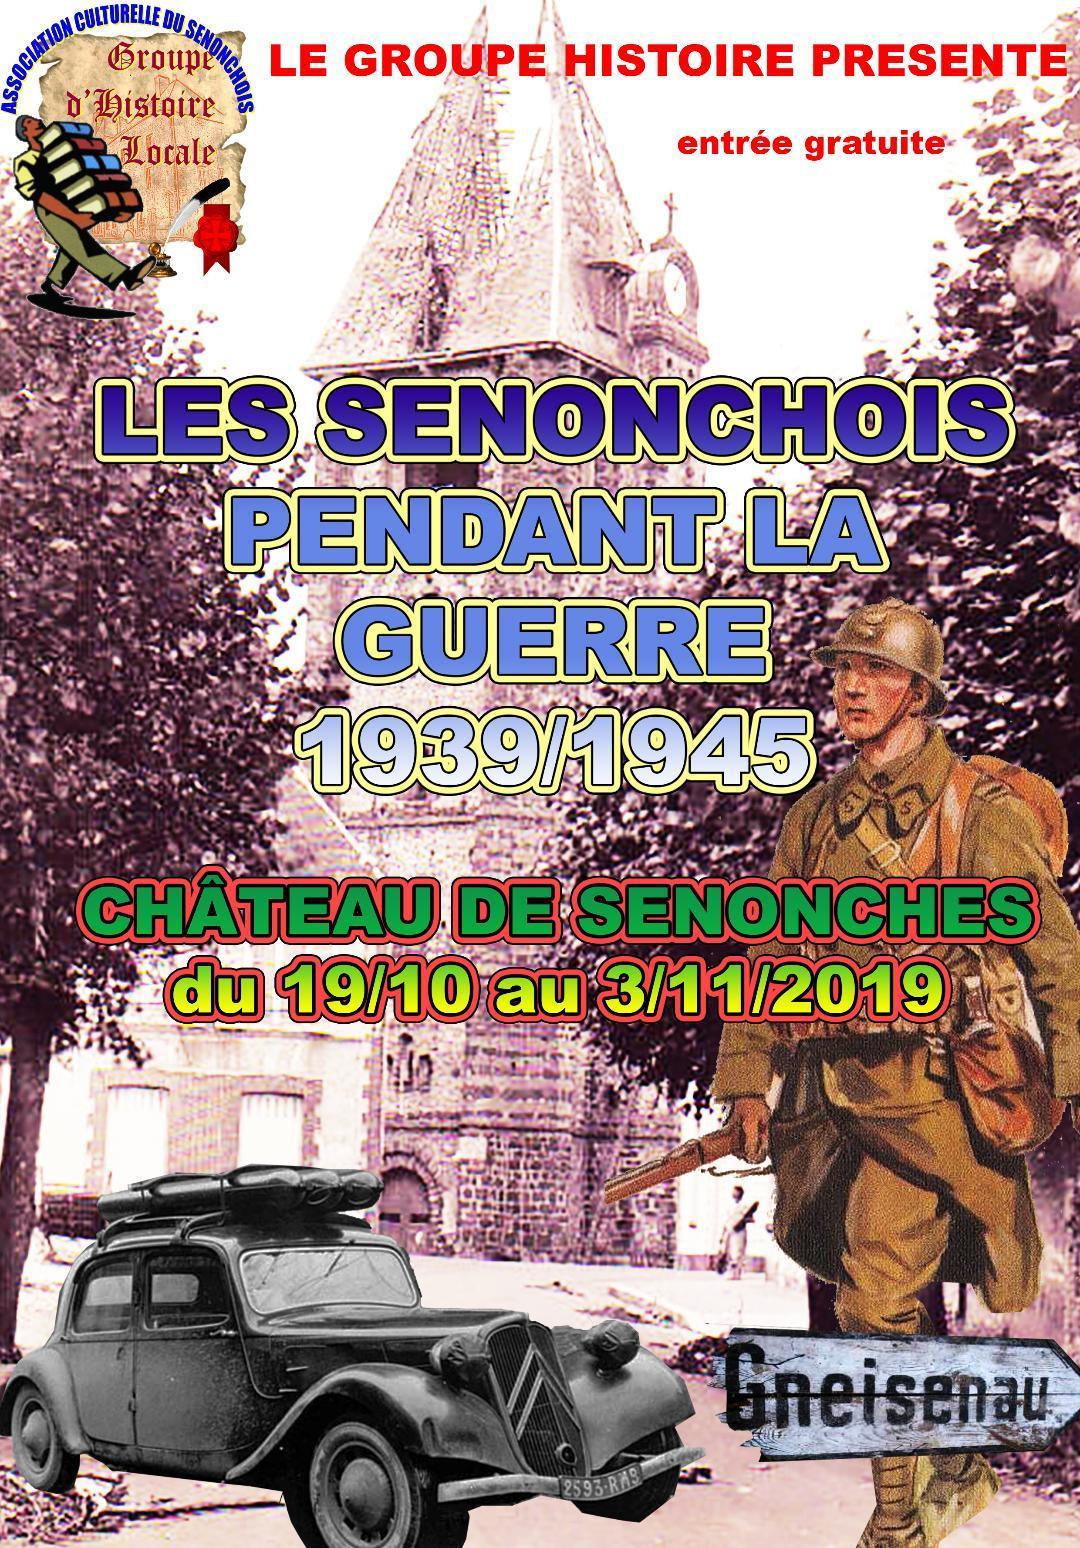 Les senonchois pendant la guerre 1939/1945 à SENONCHES © association culturelle